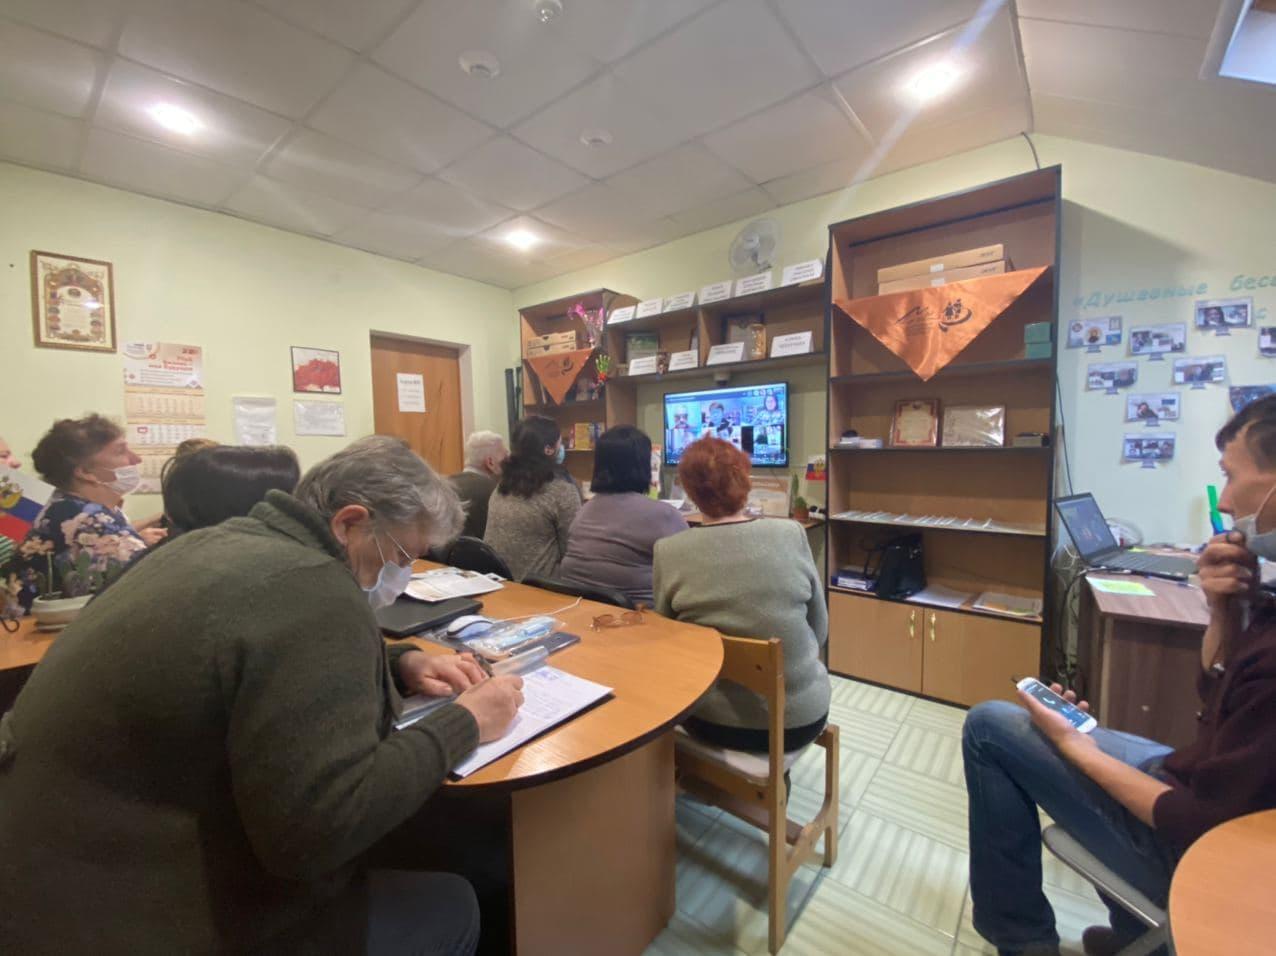 10 декабря в Центре помощи пожилым людям и инвалидам «Мы вместе» прошла встреча с общественниками из Калининградской области (г.Черняховск).